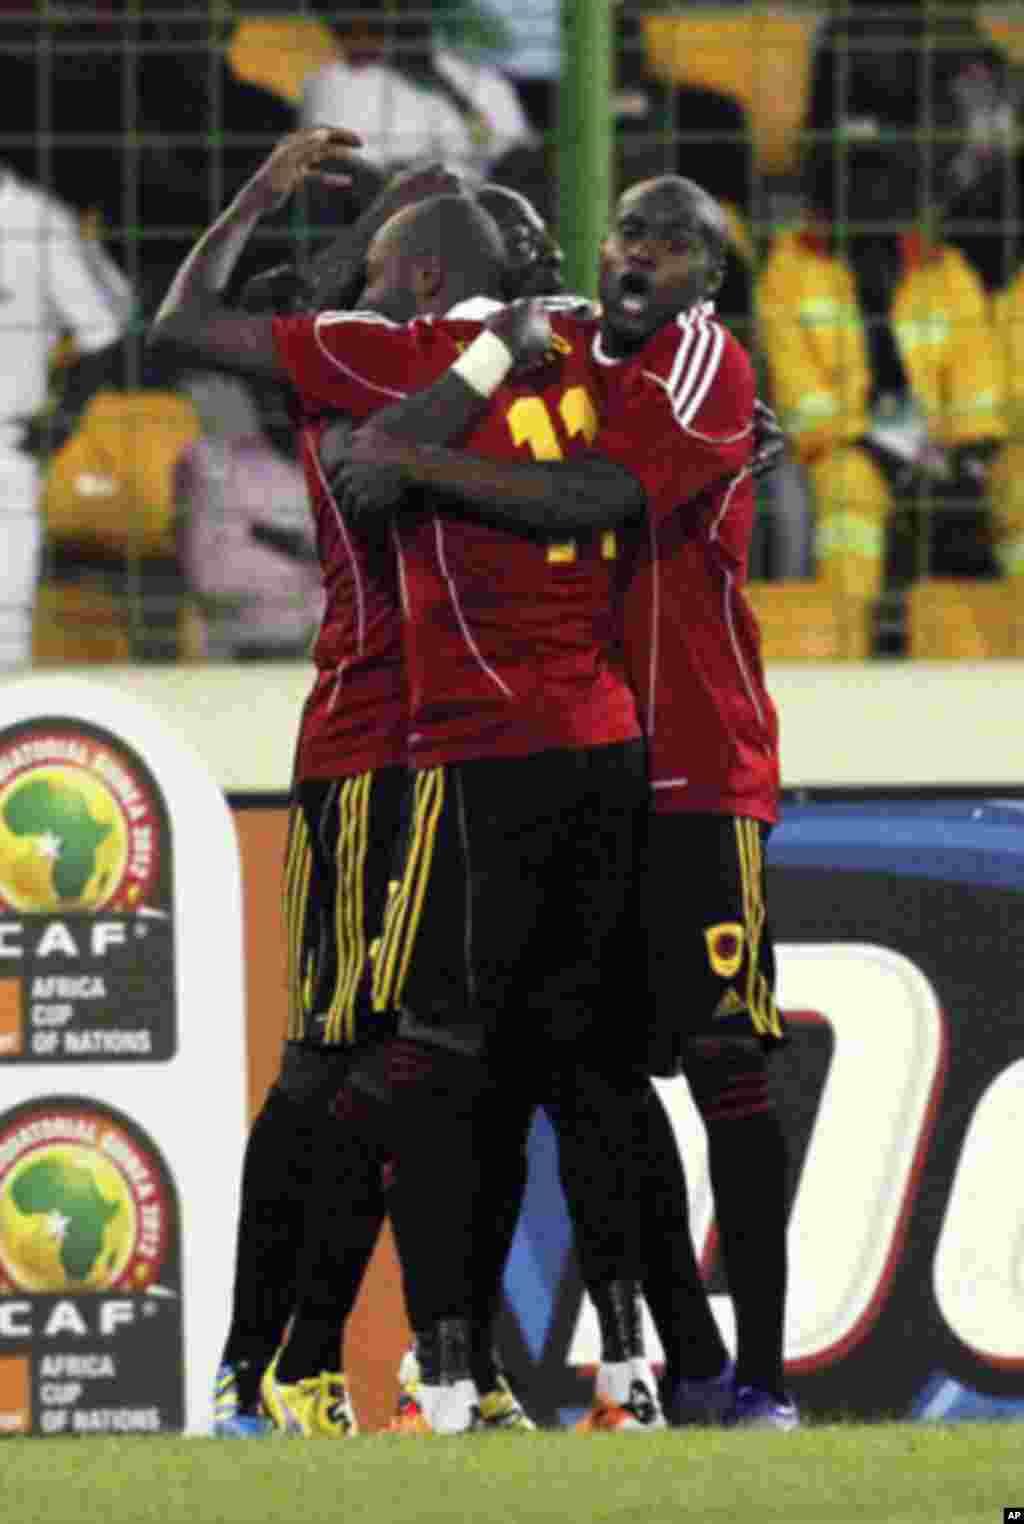 Jogadores celebram um golo de Angola, durante o primeiro jogo das Palancas Negras, no CAN 2012, no Estádio de Malabo, a 22 de Janeiro